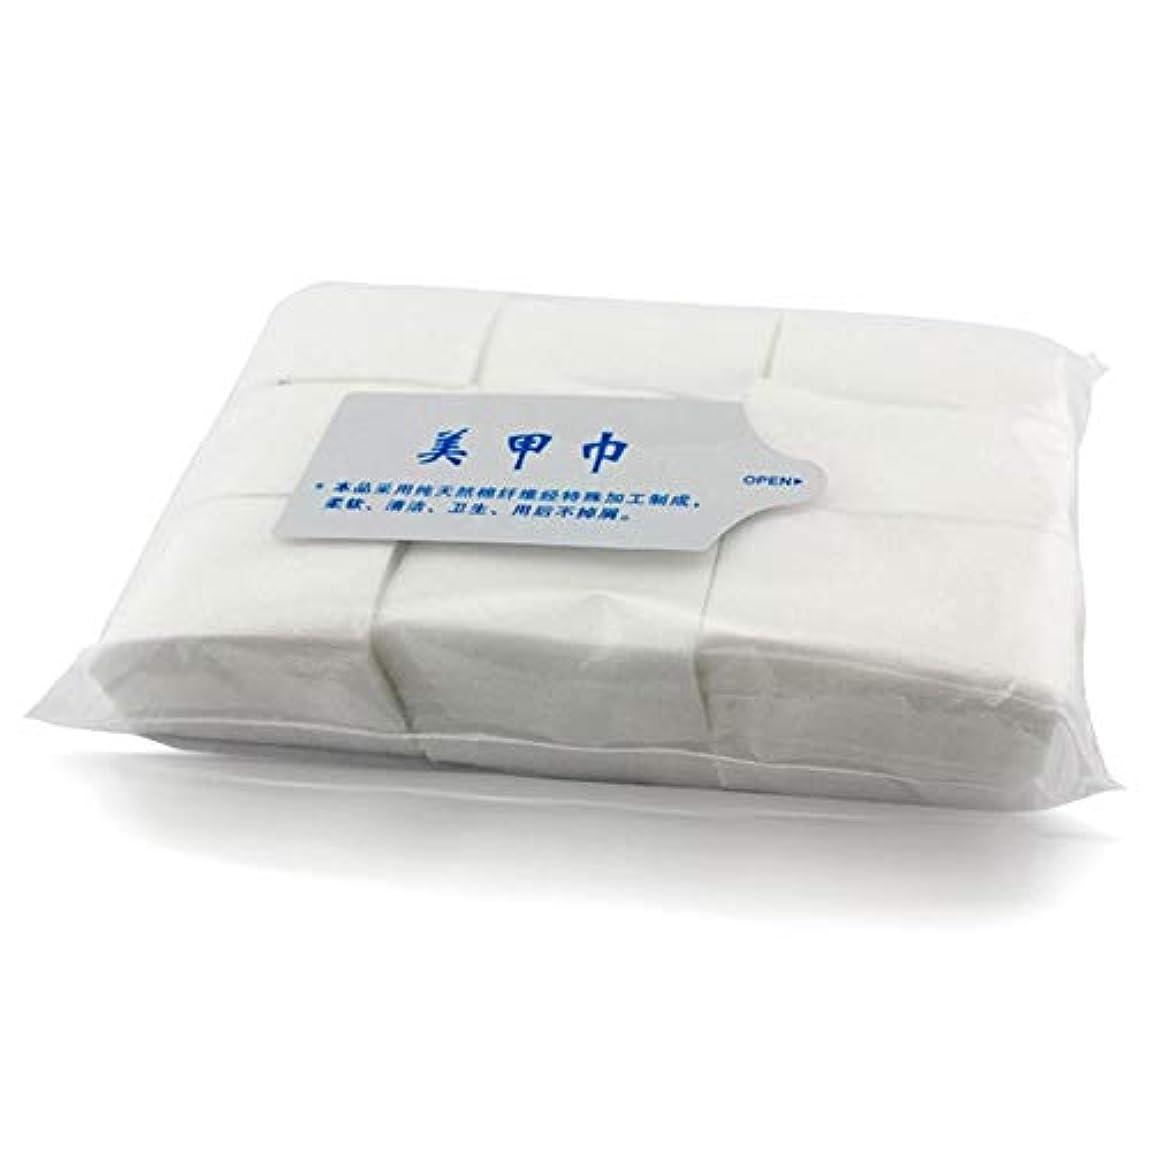 モック削る高架ネイルワイプ 天然素材不織布 900枚入り コットン ワイプ/ジェル ネイル マニュキア オフ (2pack)